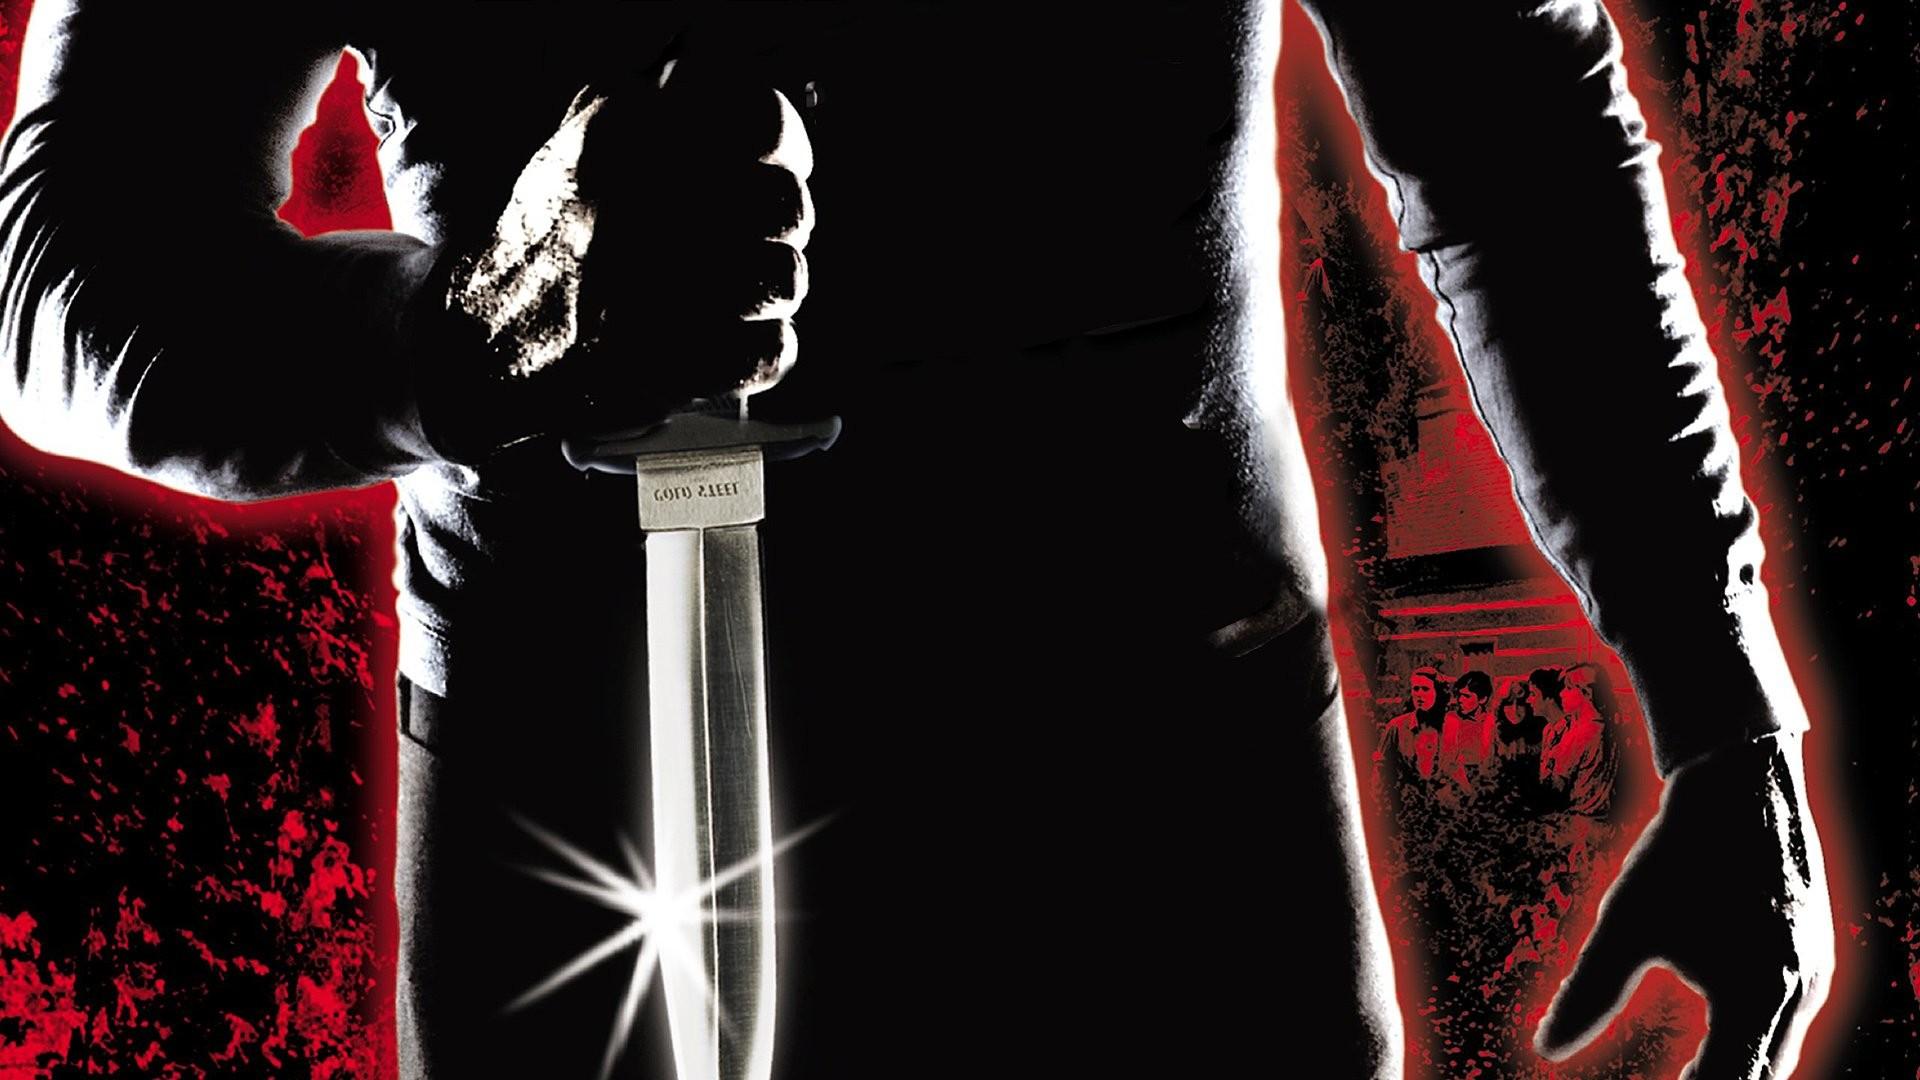 FRIDAY 13TH dark horror violence killer jason thriller fridayhorror  halloween mask wallpaper | | 604284 | WallpaperUP